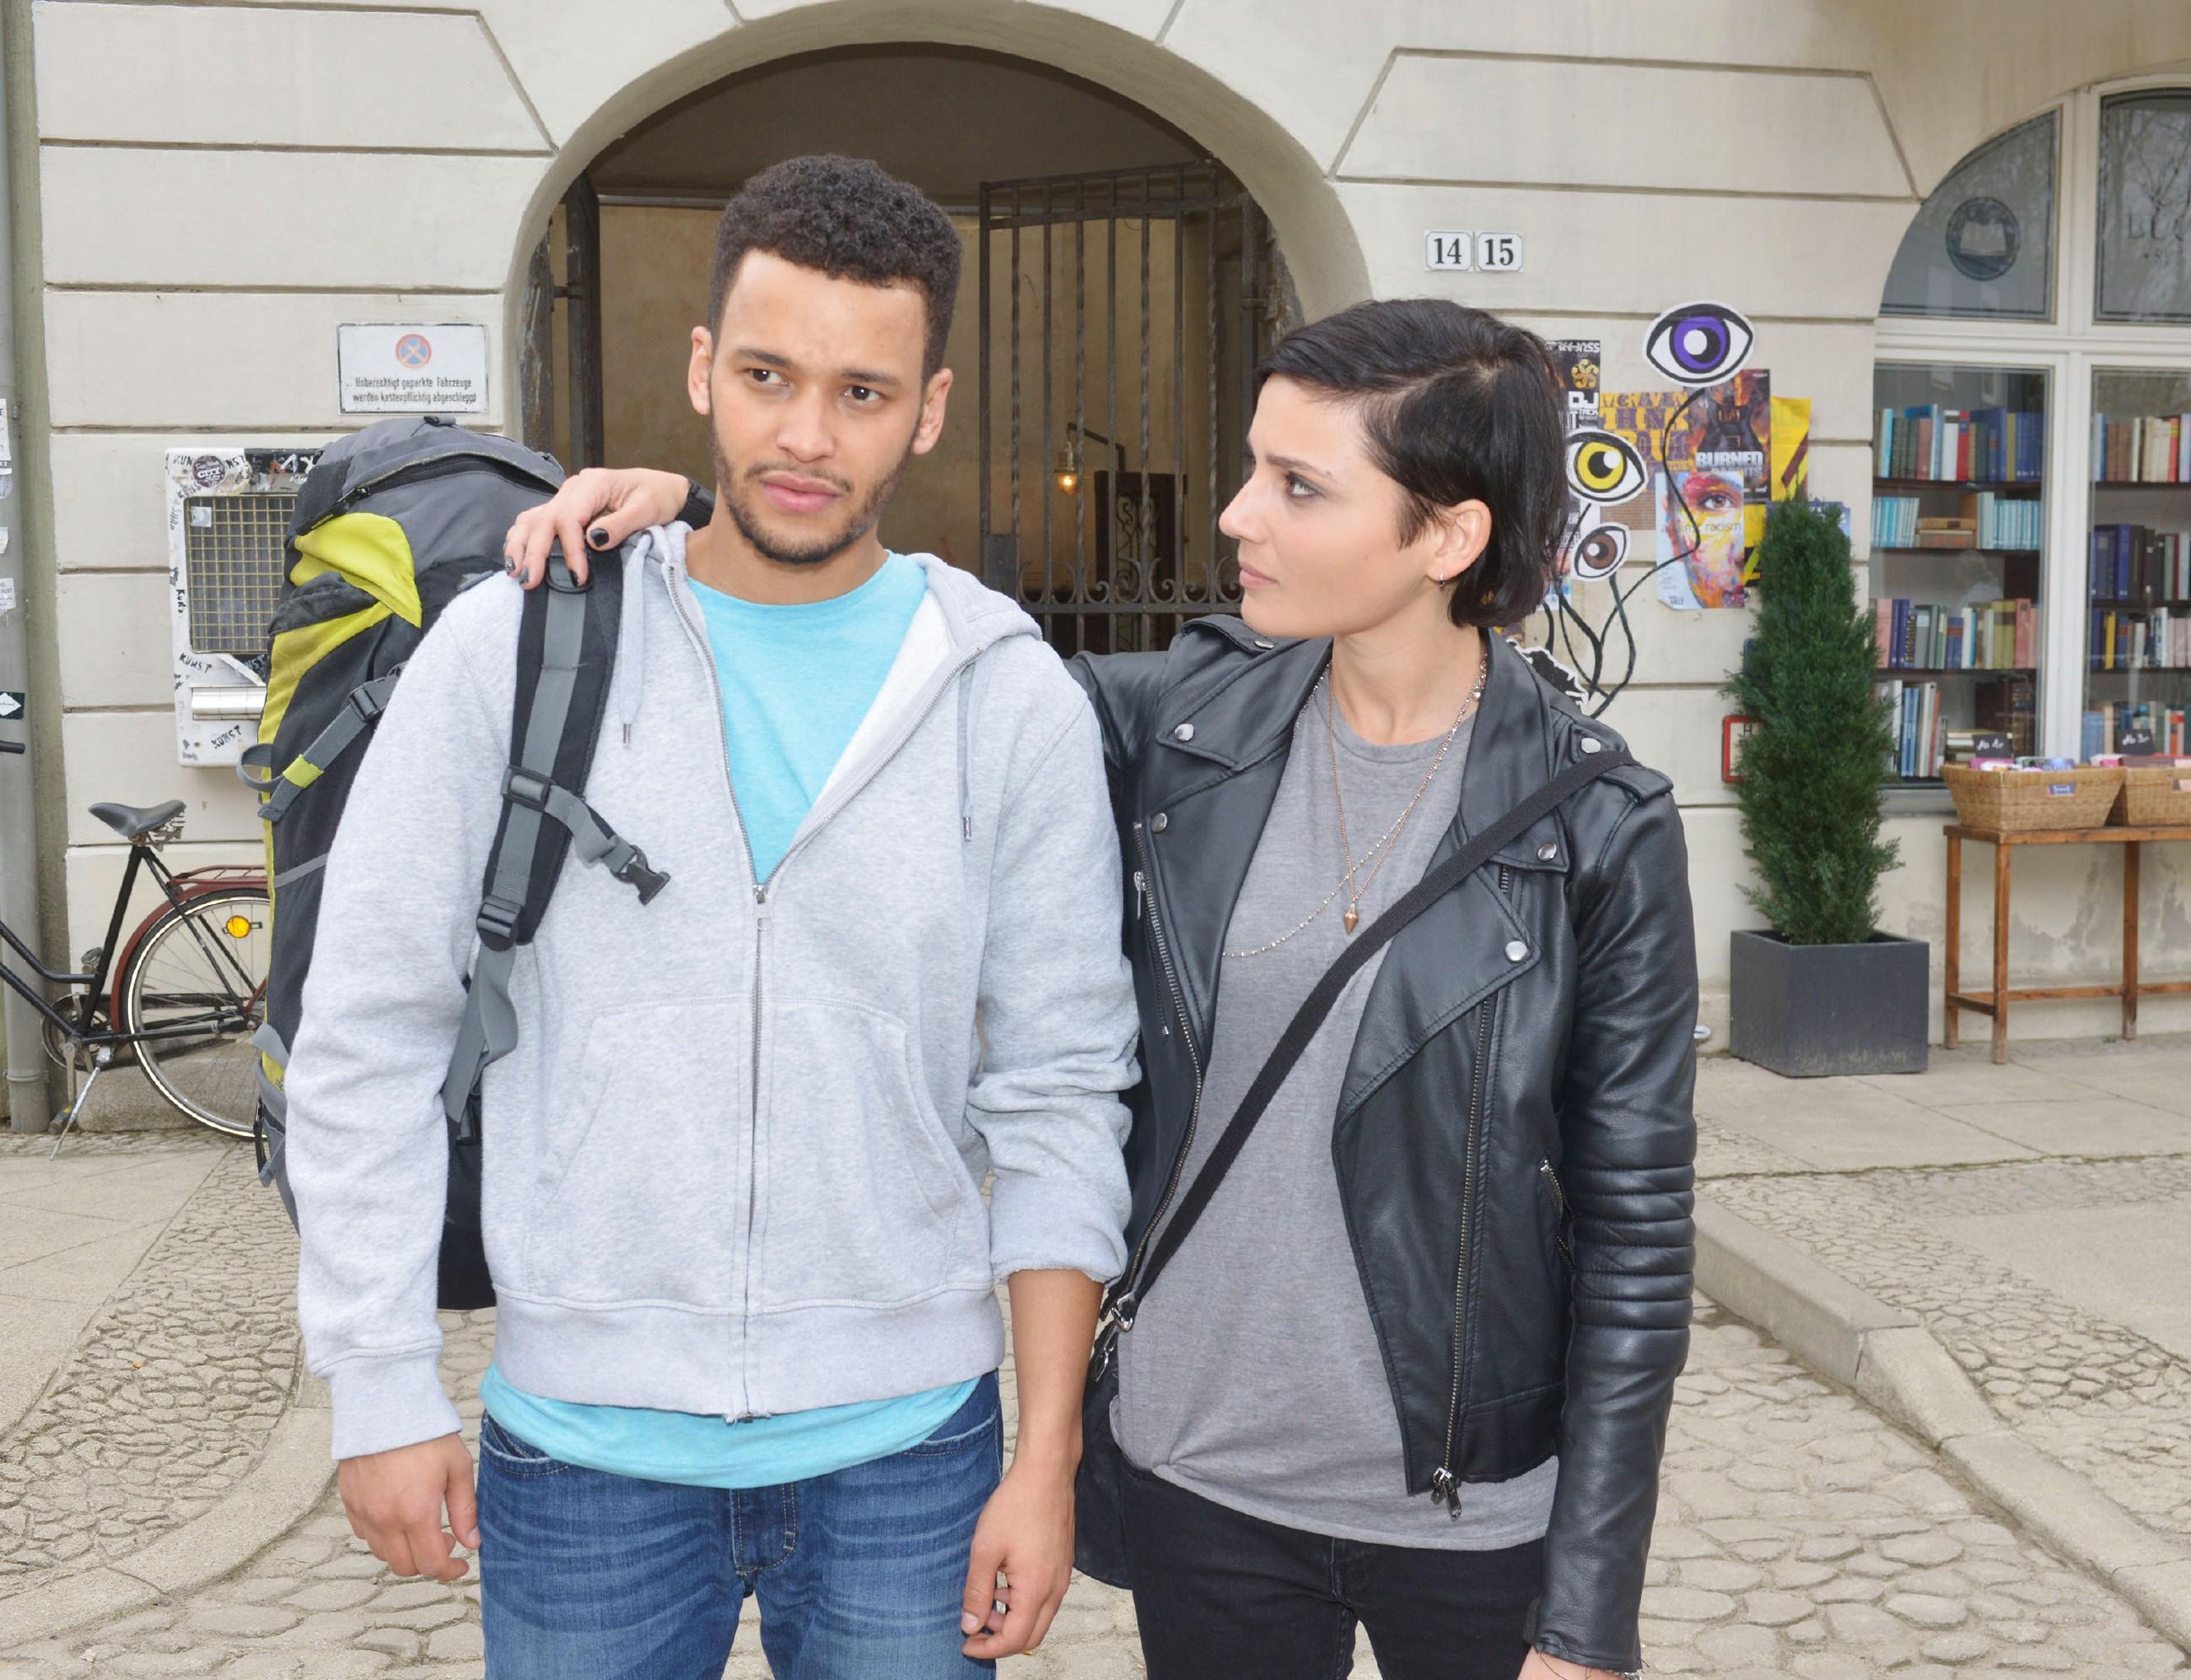 Auch Anni (Linda Marlen Runge) fällt der Abschied schwer, doch sie begleitet Amar (Thando Walbaum) für seine Abreise zum Flughafen. (Quelle: RTL / Rolf Baumgartner)